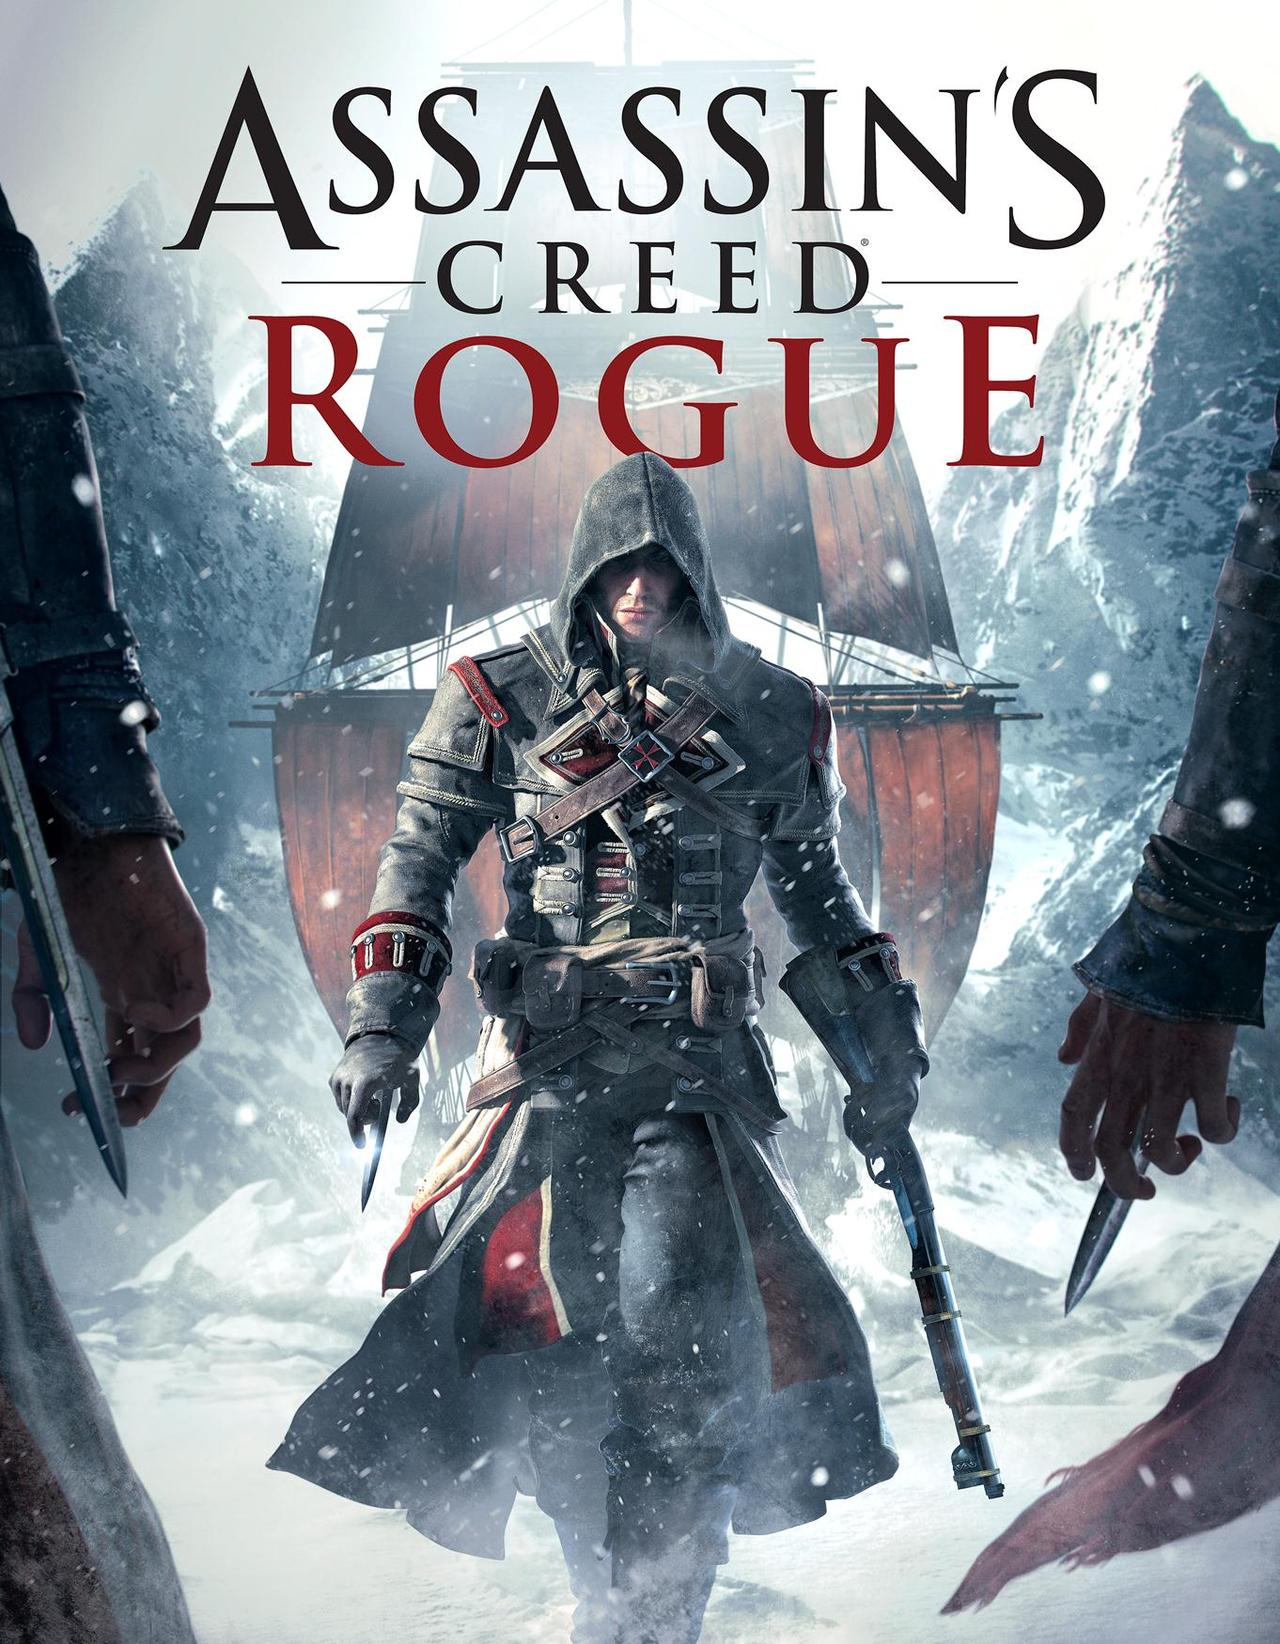 Assassin's Creed Rogue se dévoile dans un premier trailer. Assassin-s-creed-rogue-playstation-3-ps3-1407258498-006